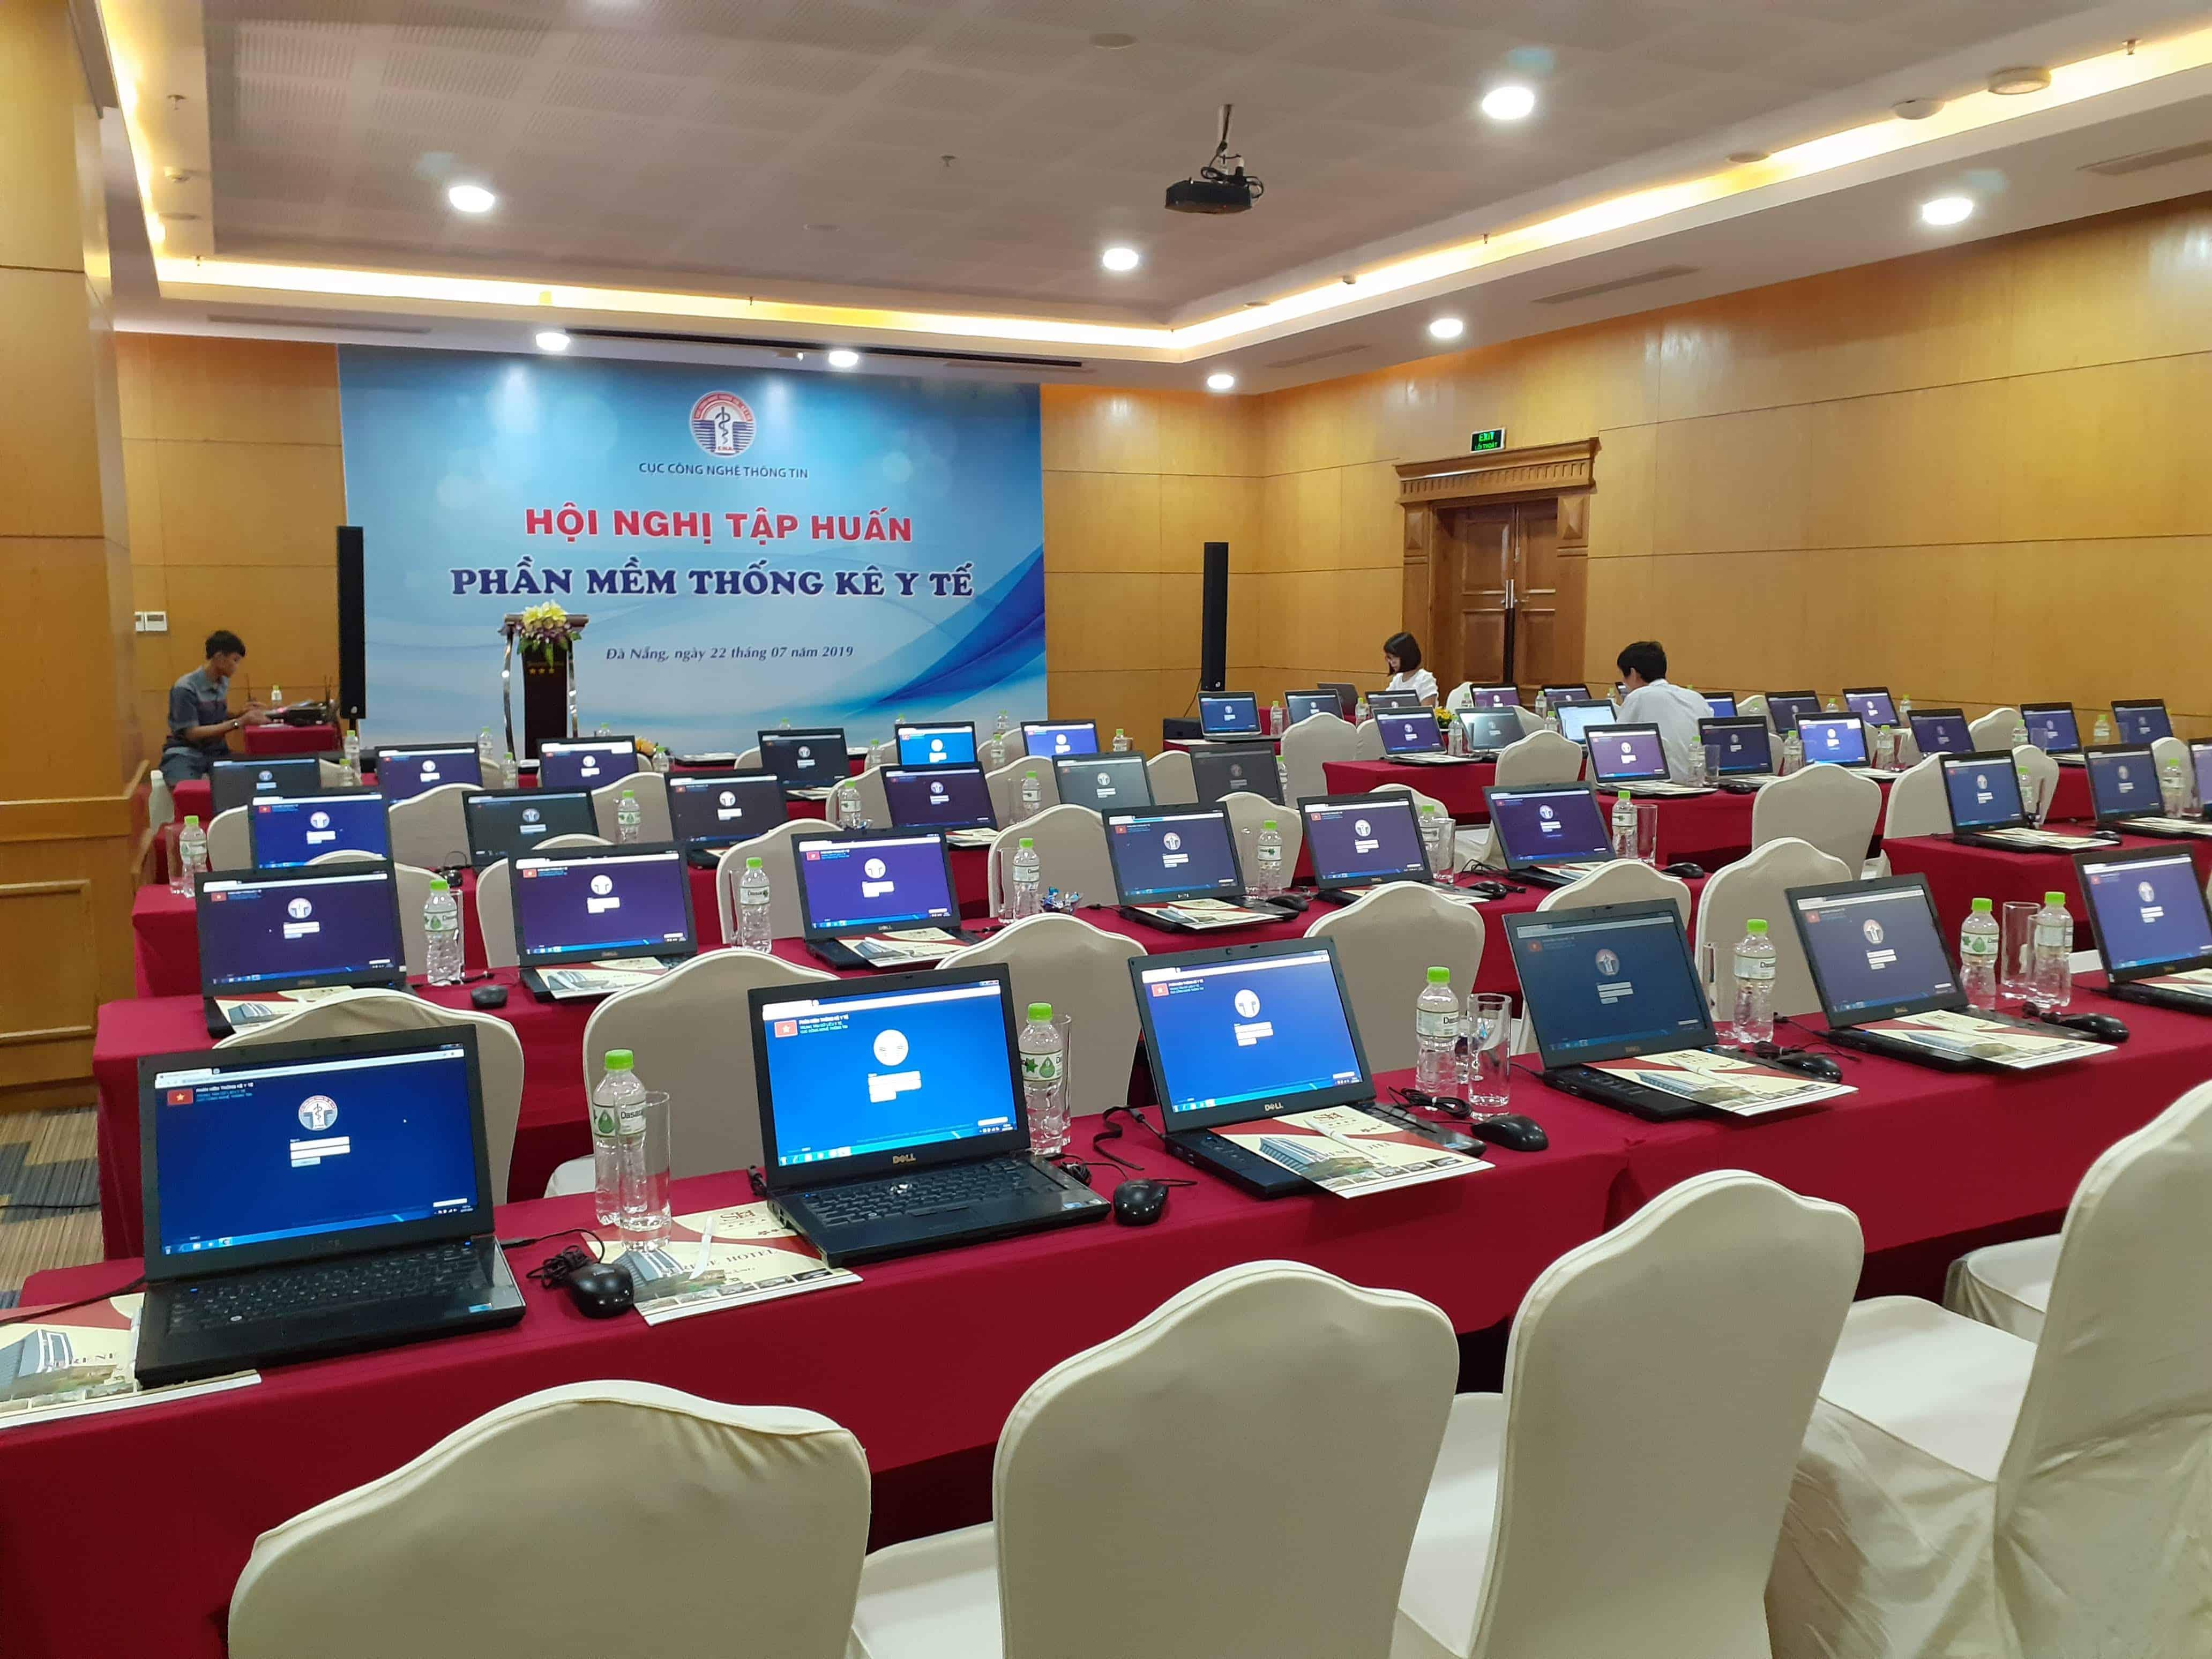 Cho Thuê Máy Tính, Laptop Tại Đà Nẵng